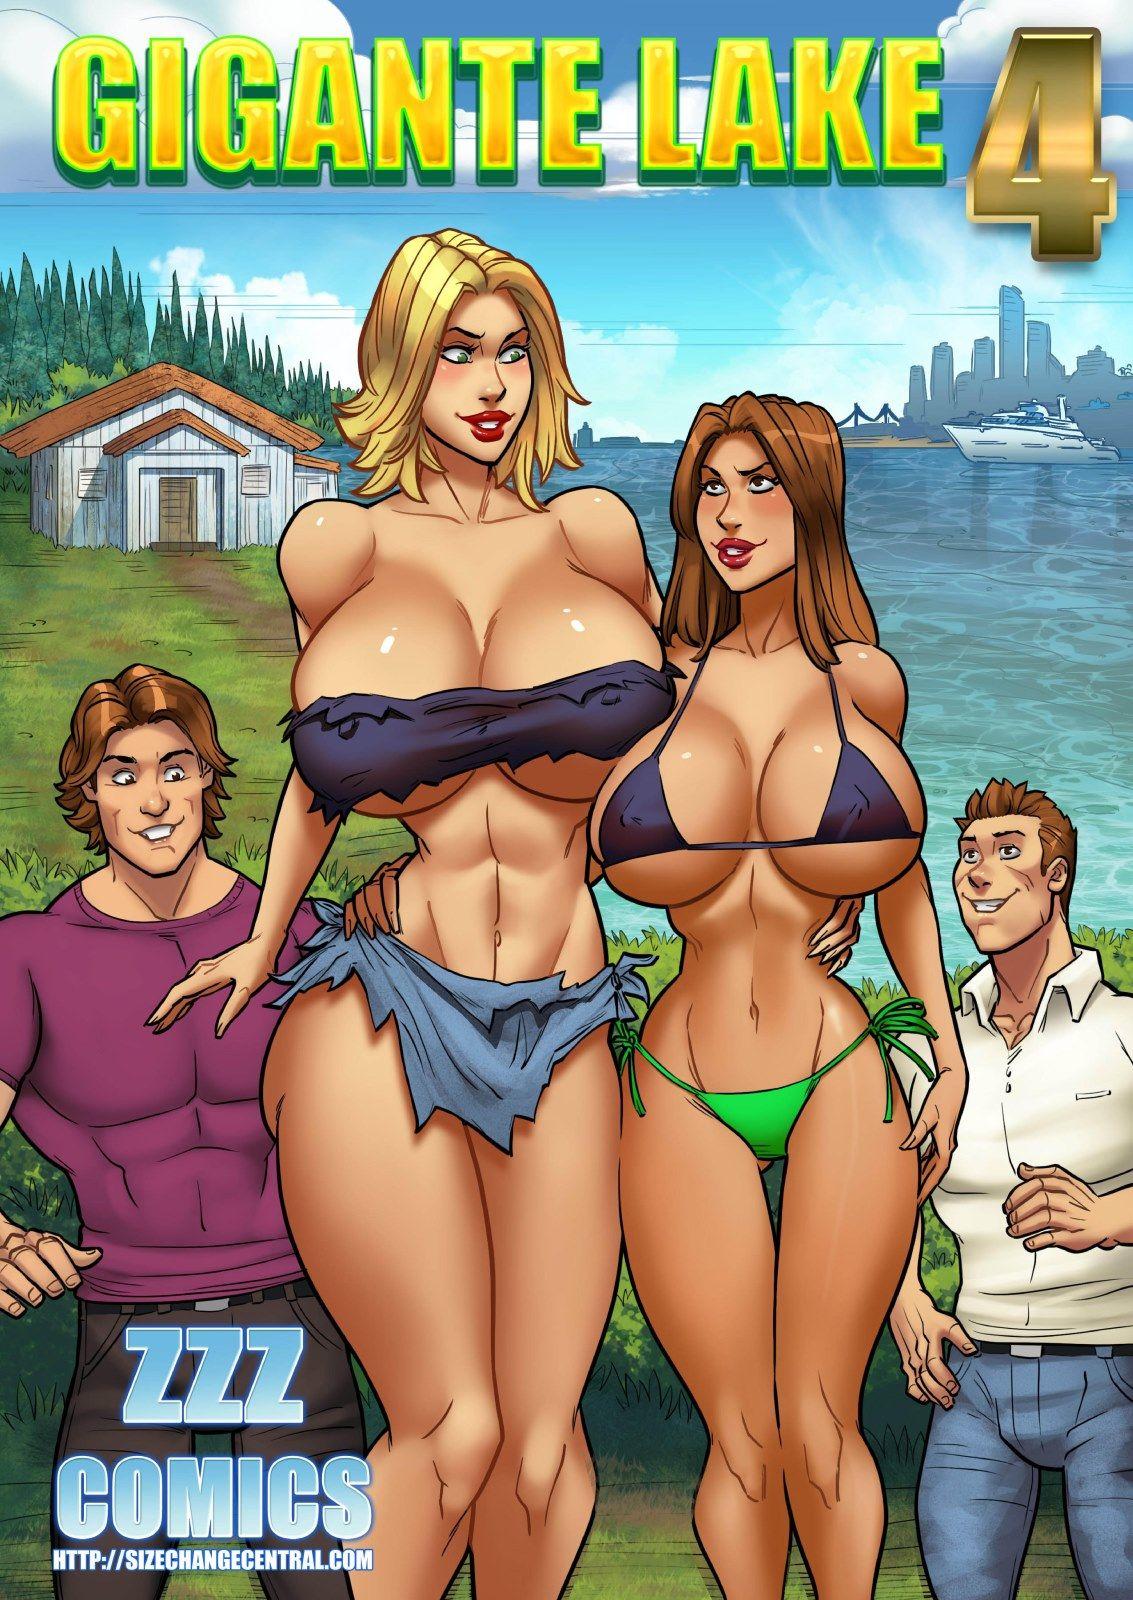 Otis sweat big tits cartoons porn comics